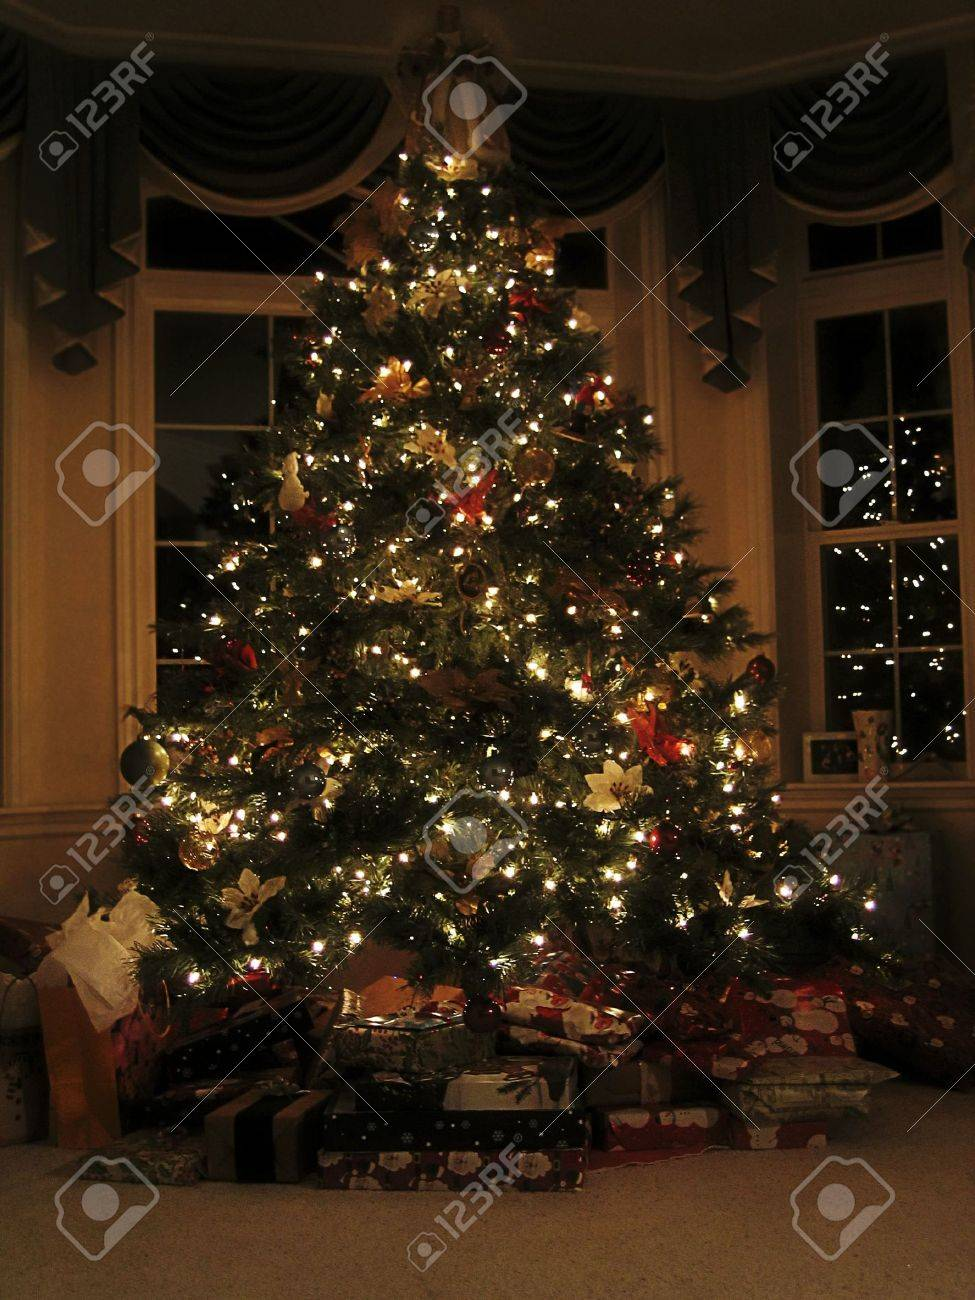 Ein Dekoriert Weihnachtsbaum Am Heiligen Abend Nacht Umgeben Von ...